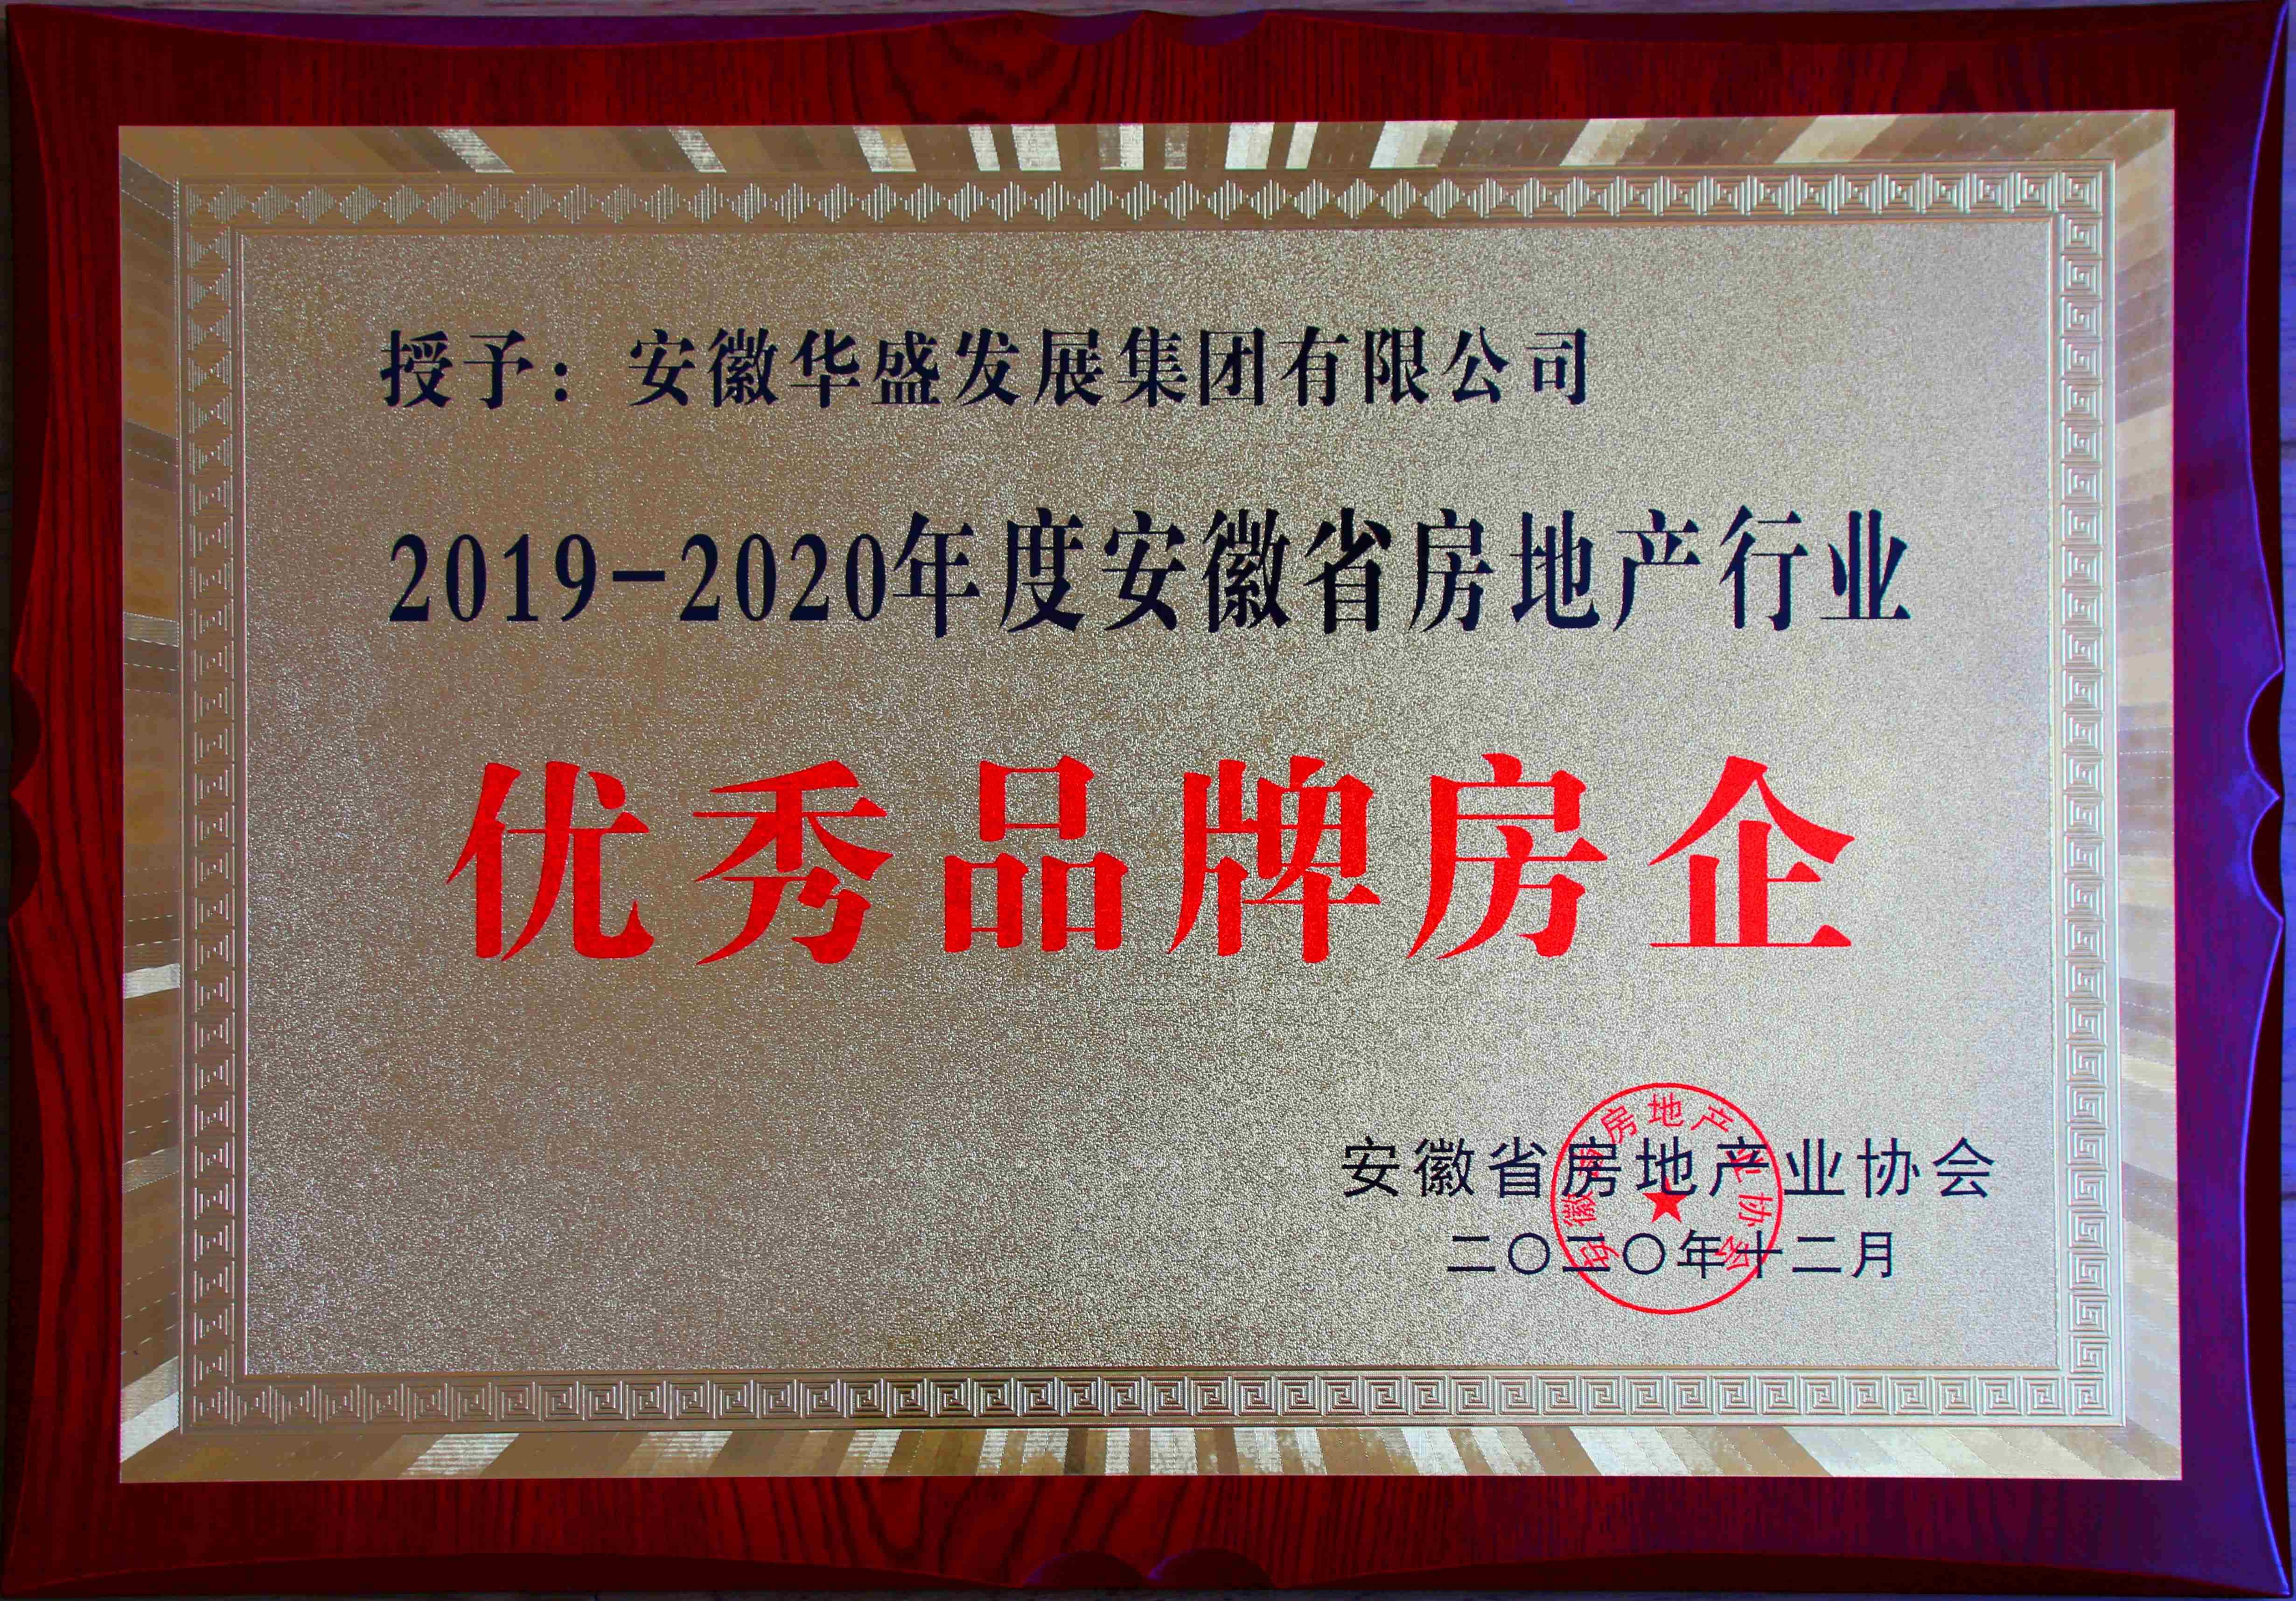 2019-2020年度安徽省房地产行业优秀品牌房企